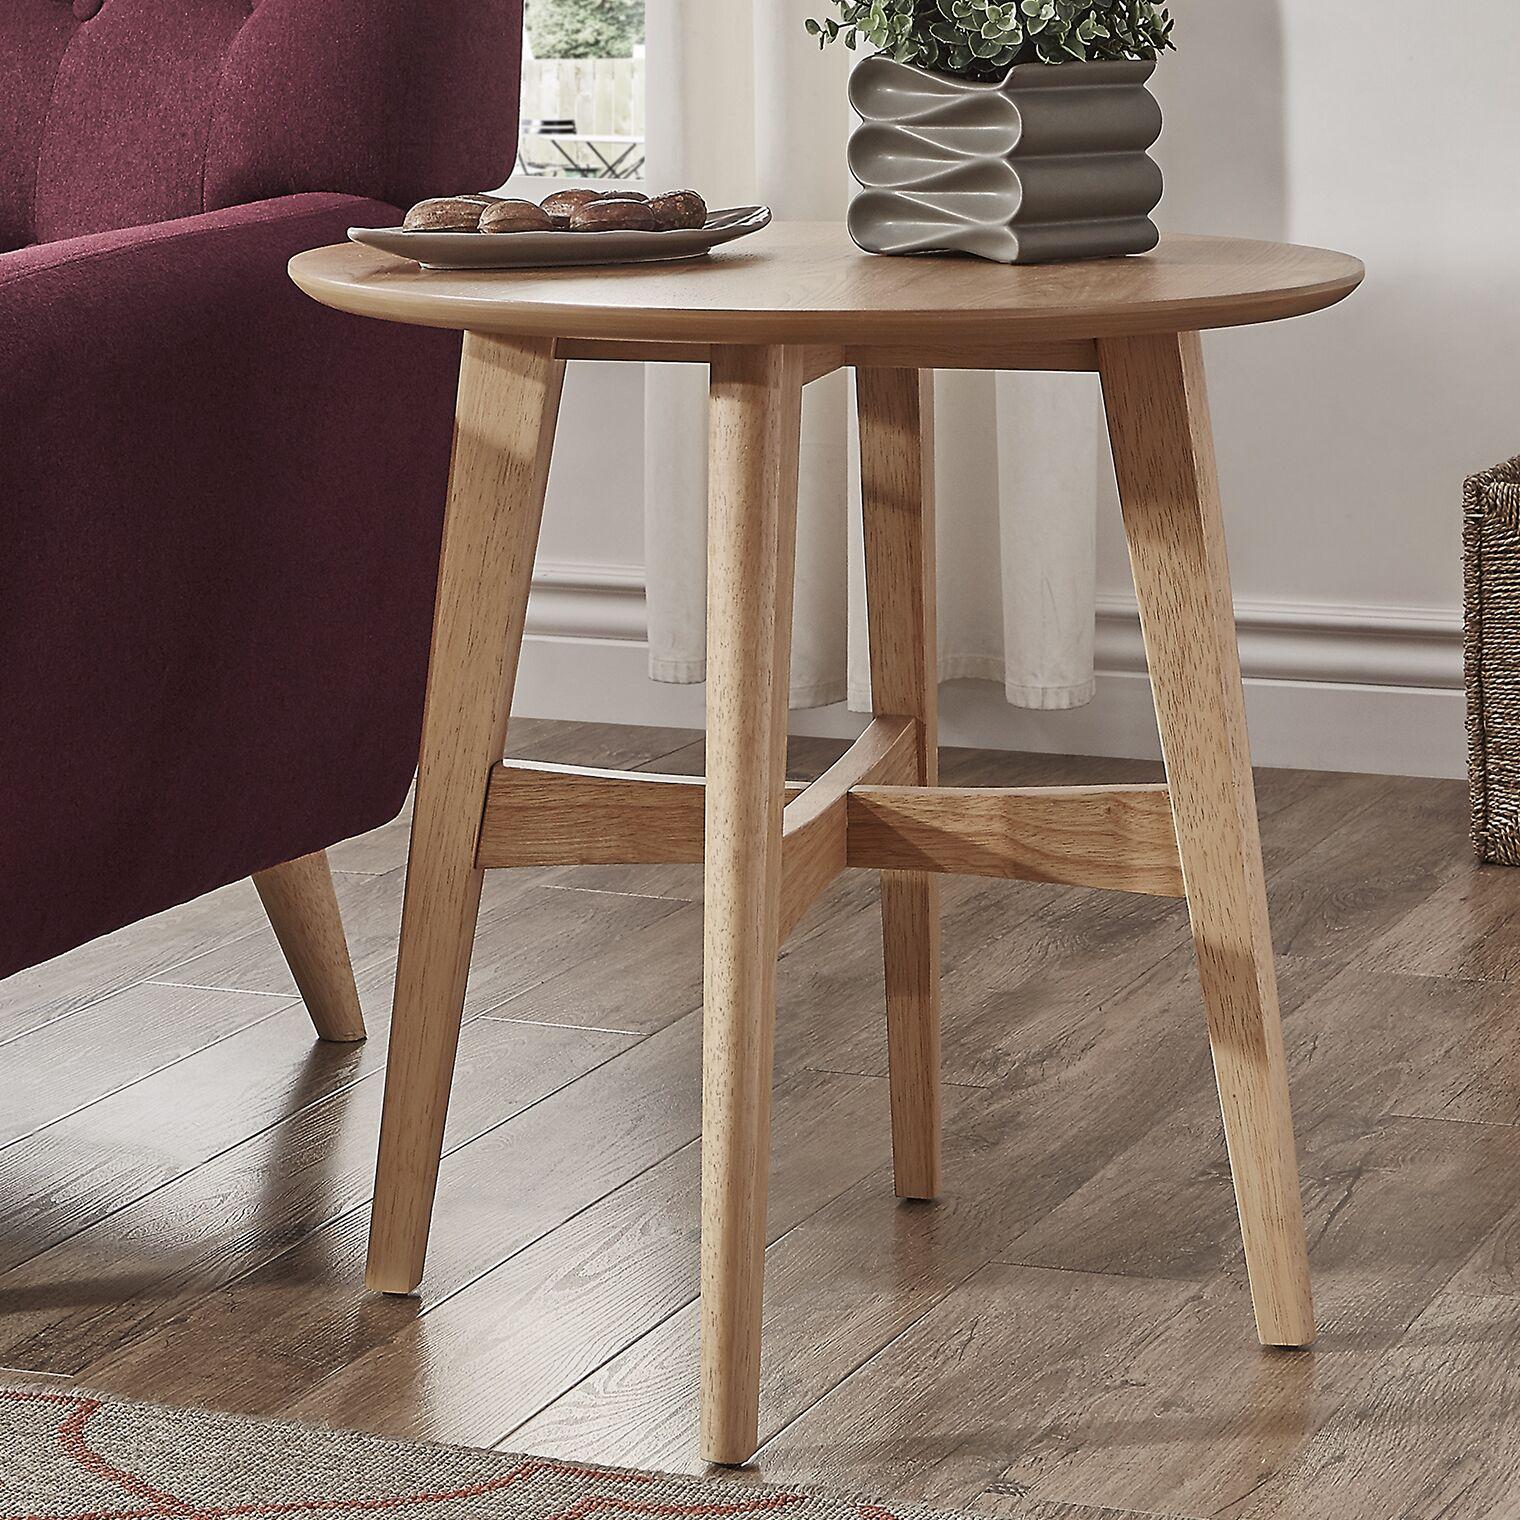 Payton End Table Color: Light Oak